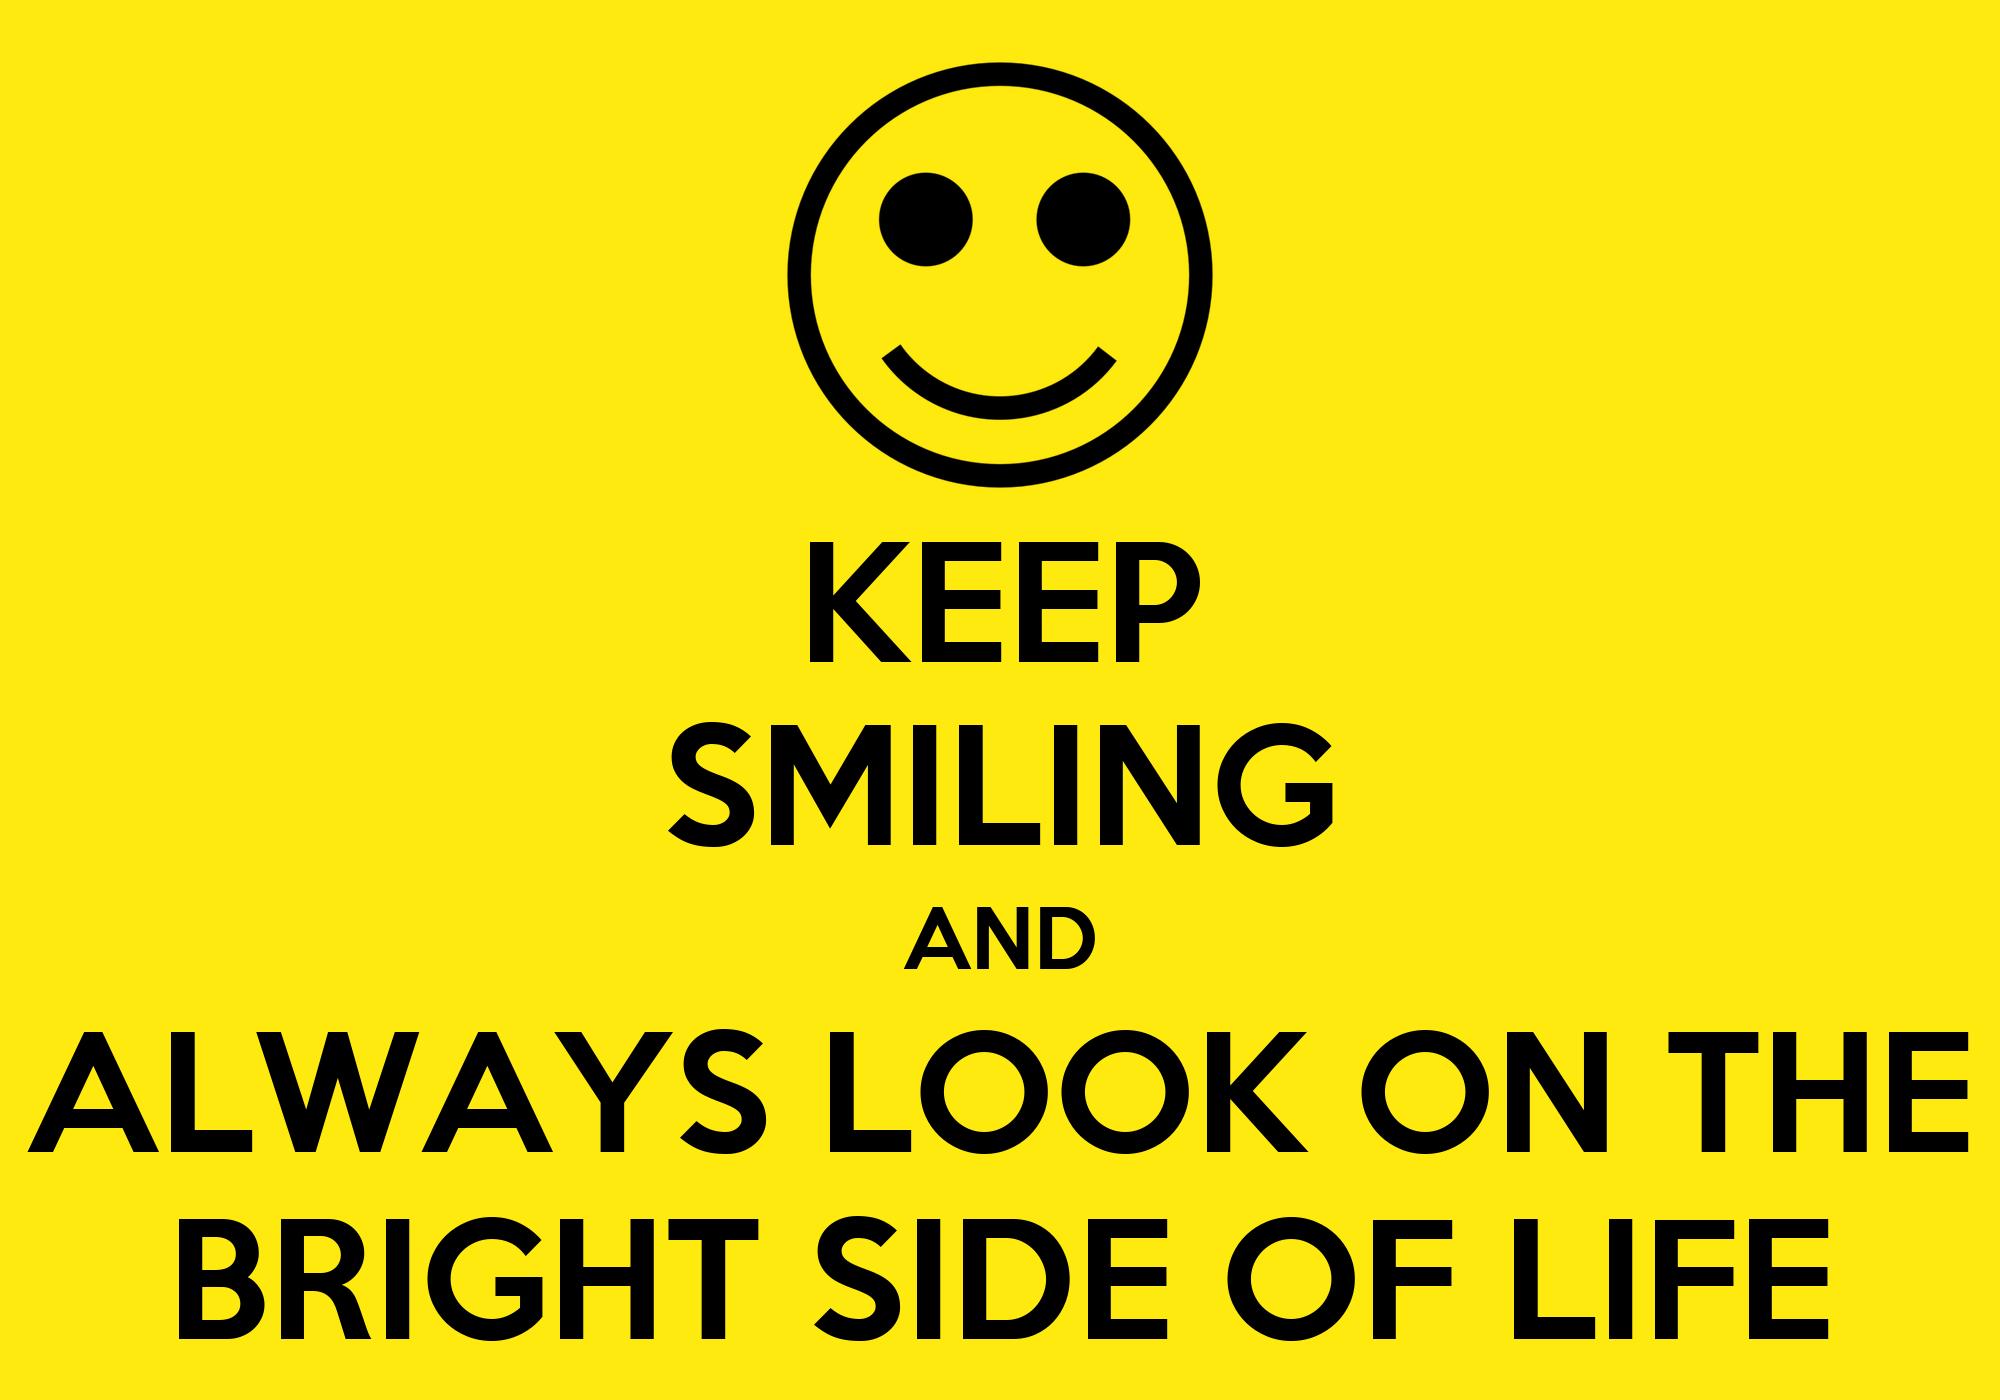 Keep smiling - перевод на русский - примеры  reverso